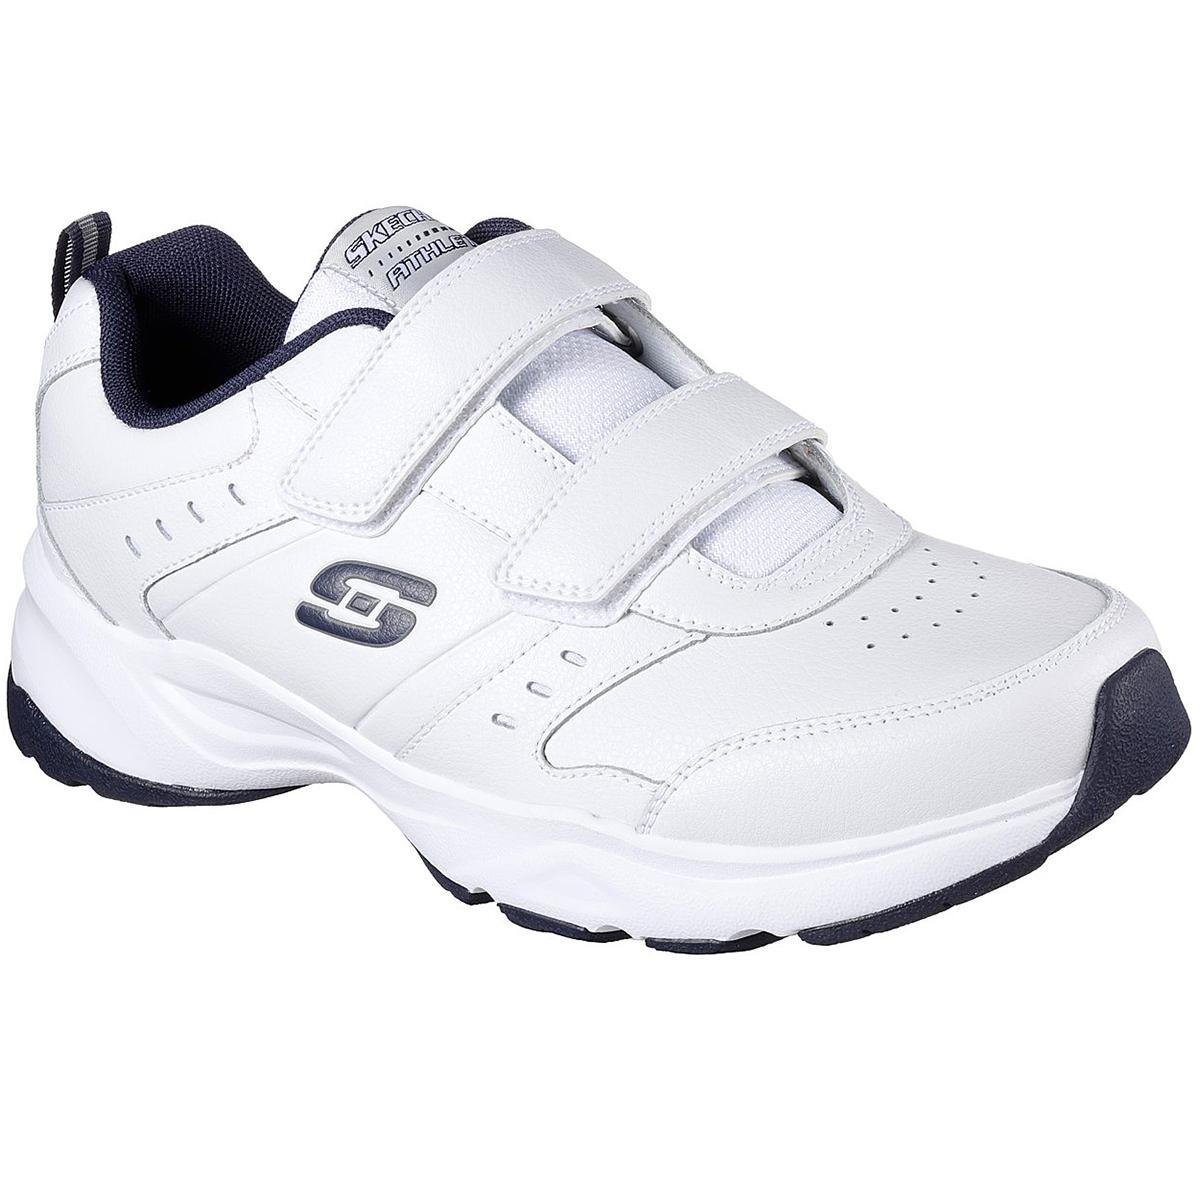 Haniger - Casspi Velcro Sneakers, Wide